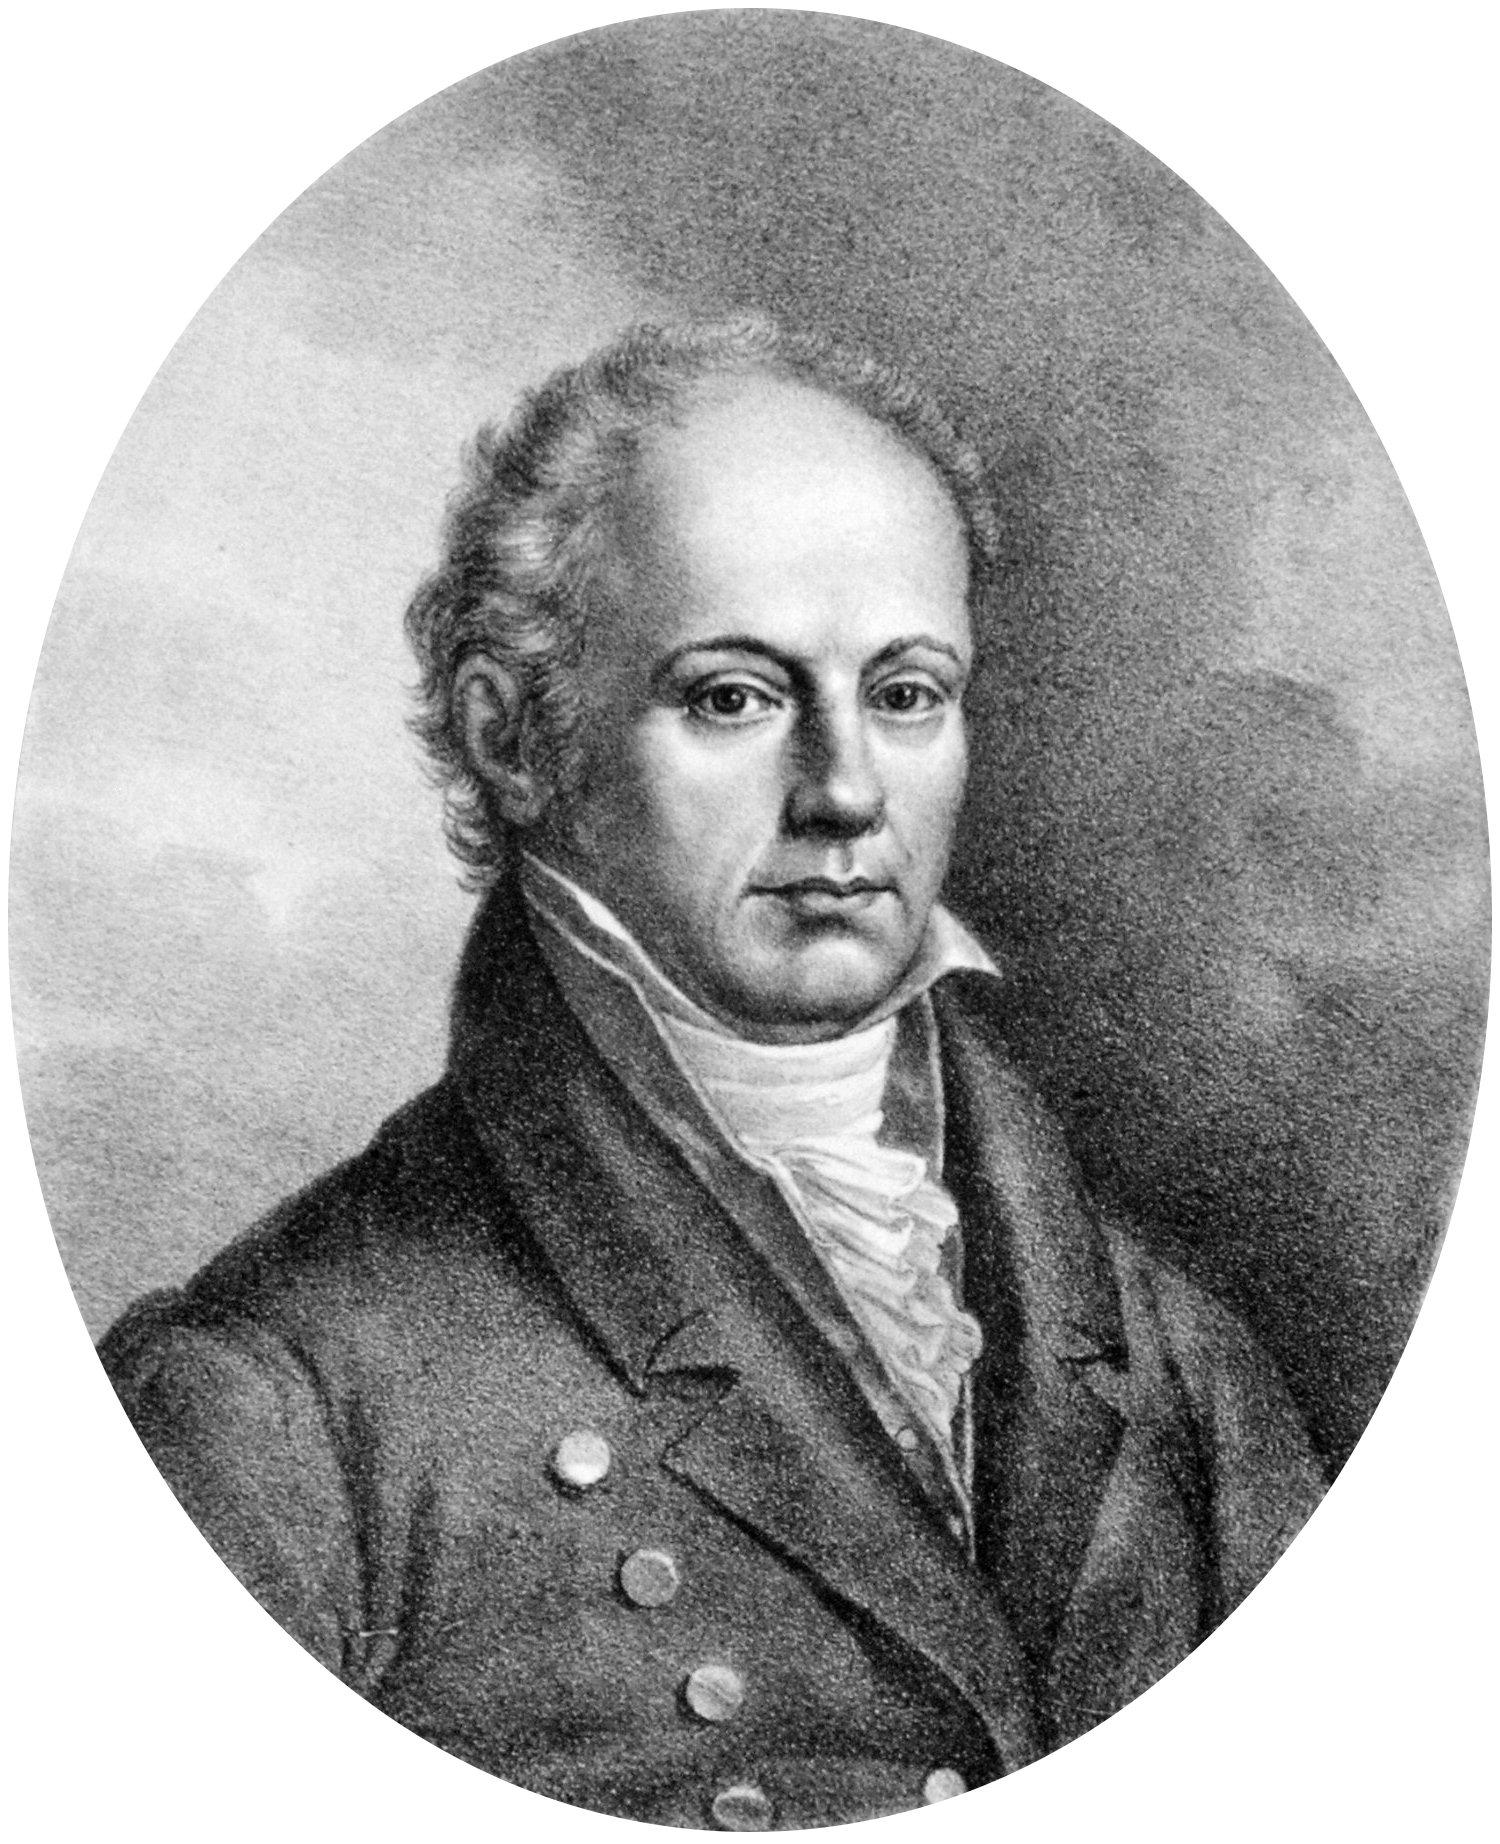 Franz Josef Gall - 1832 (vor) - Lithography von Josef Lanzedelly